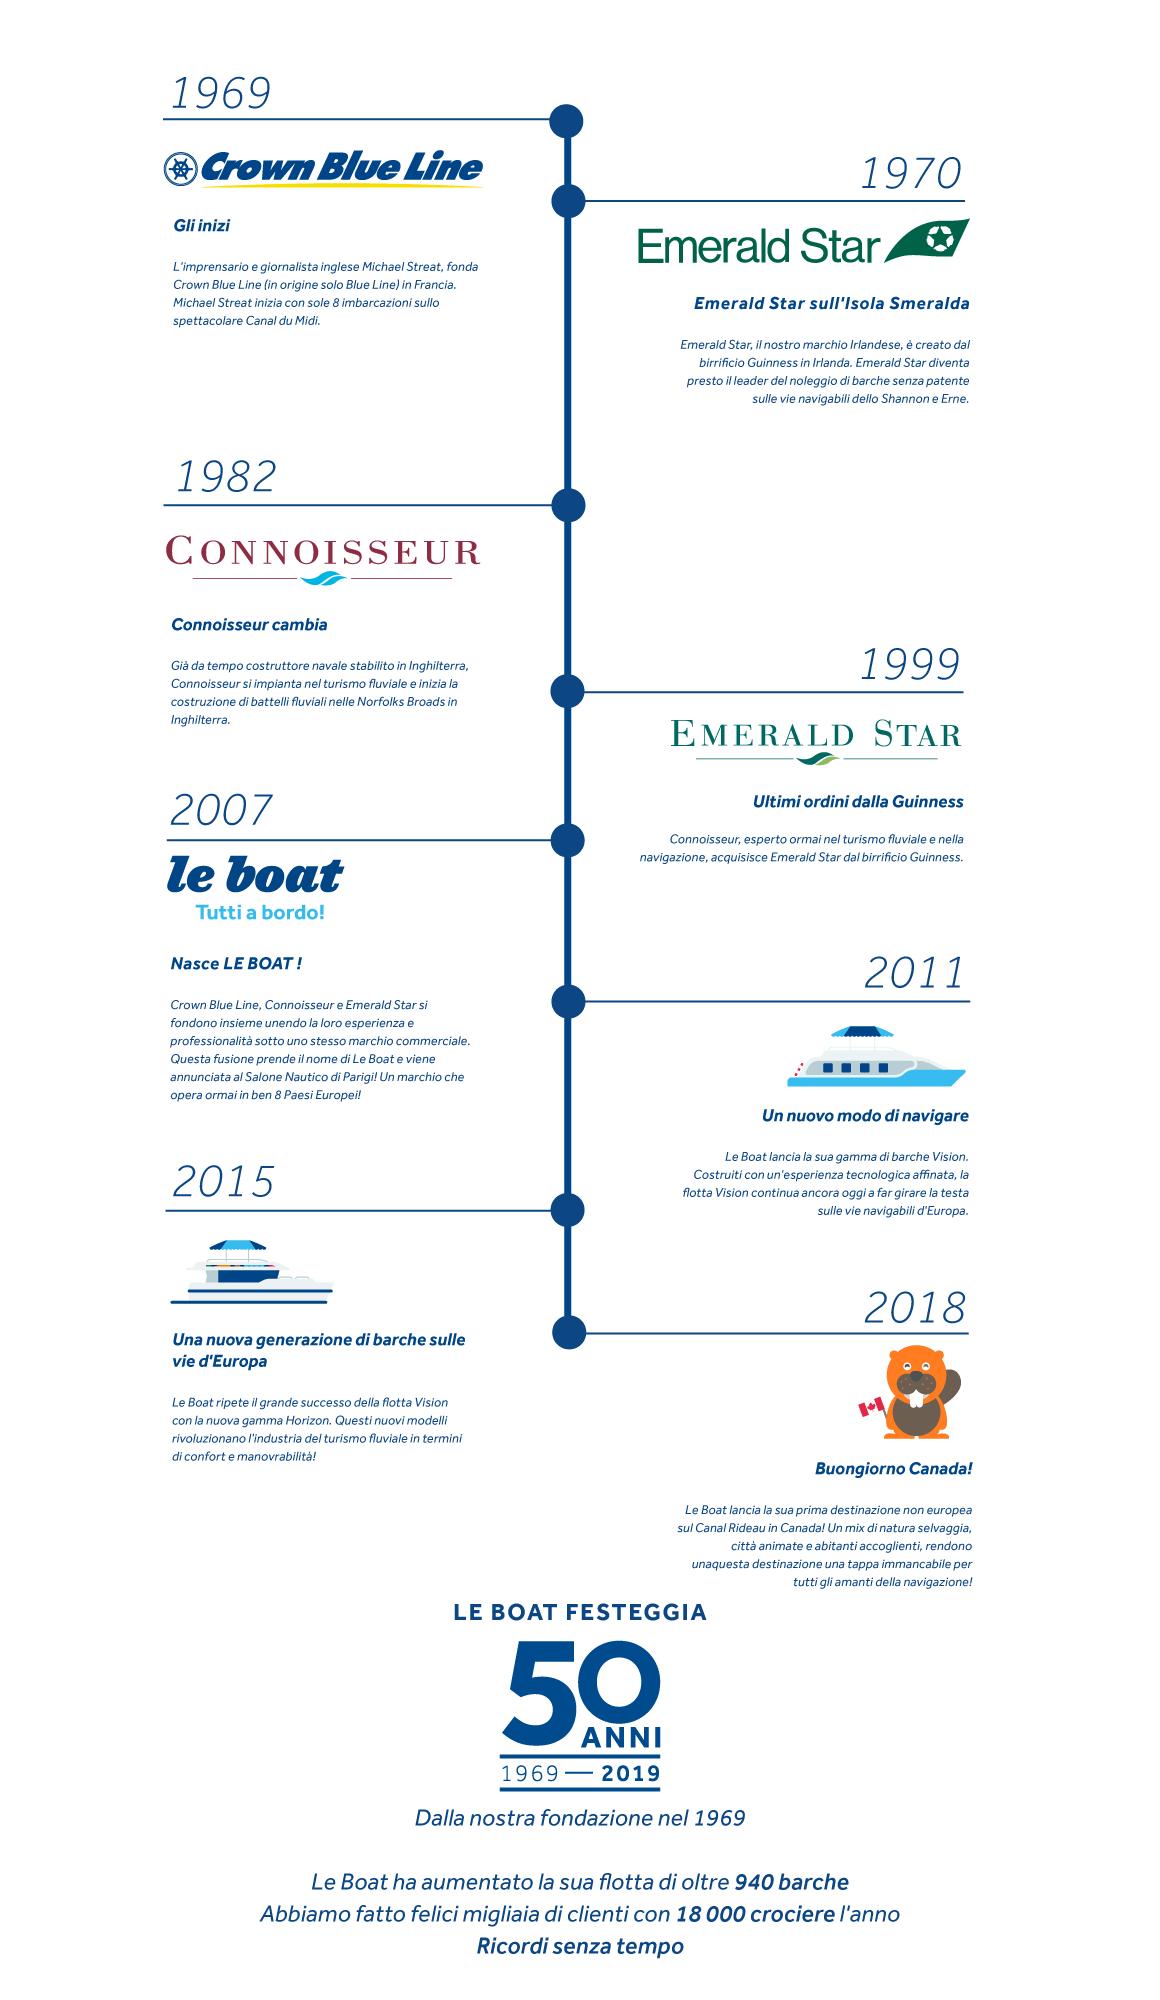 Le Boat festeggia 50 anni